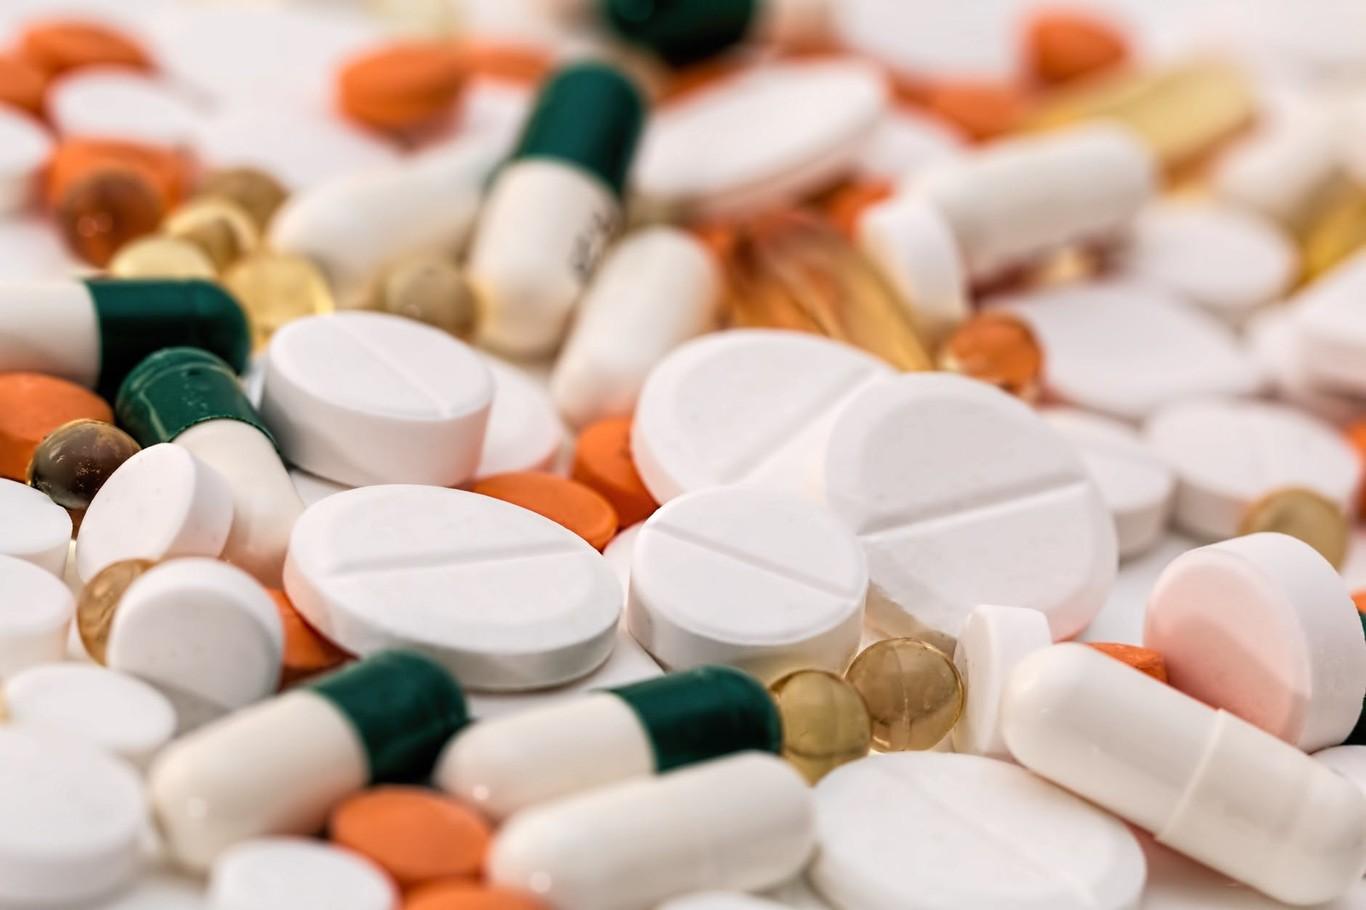 https://cds-technologies.com/Por primera vez, un medicamento creado por una inteligencia artificial será probado en humanos